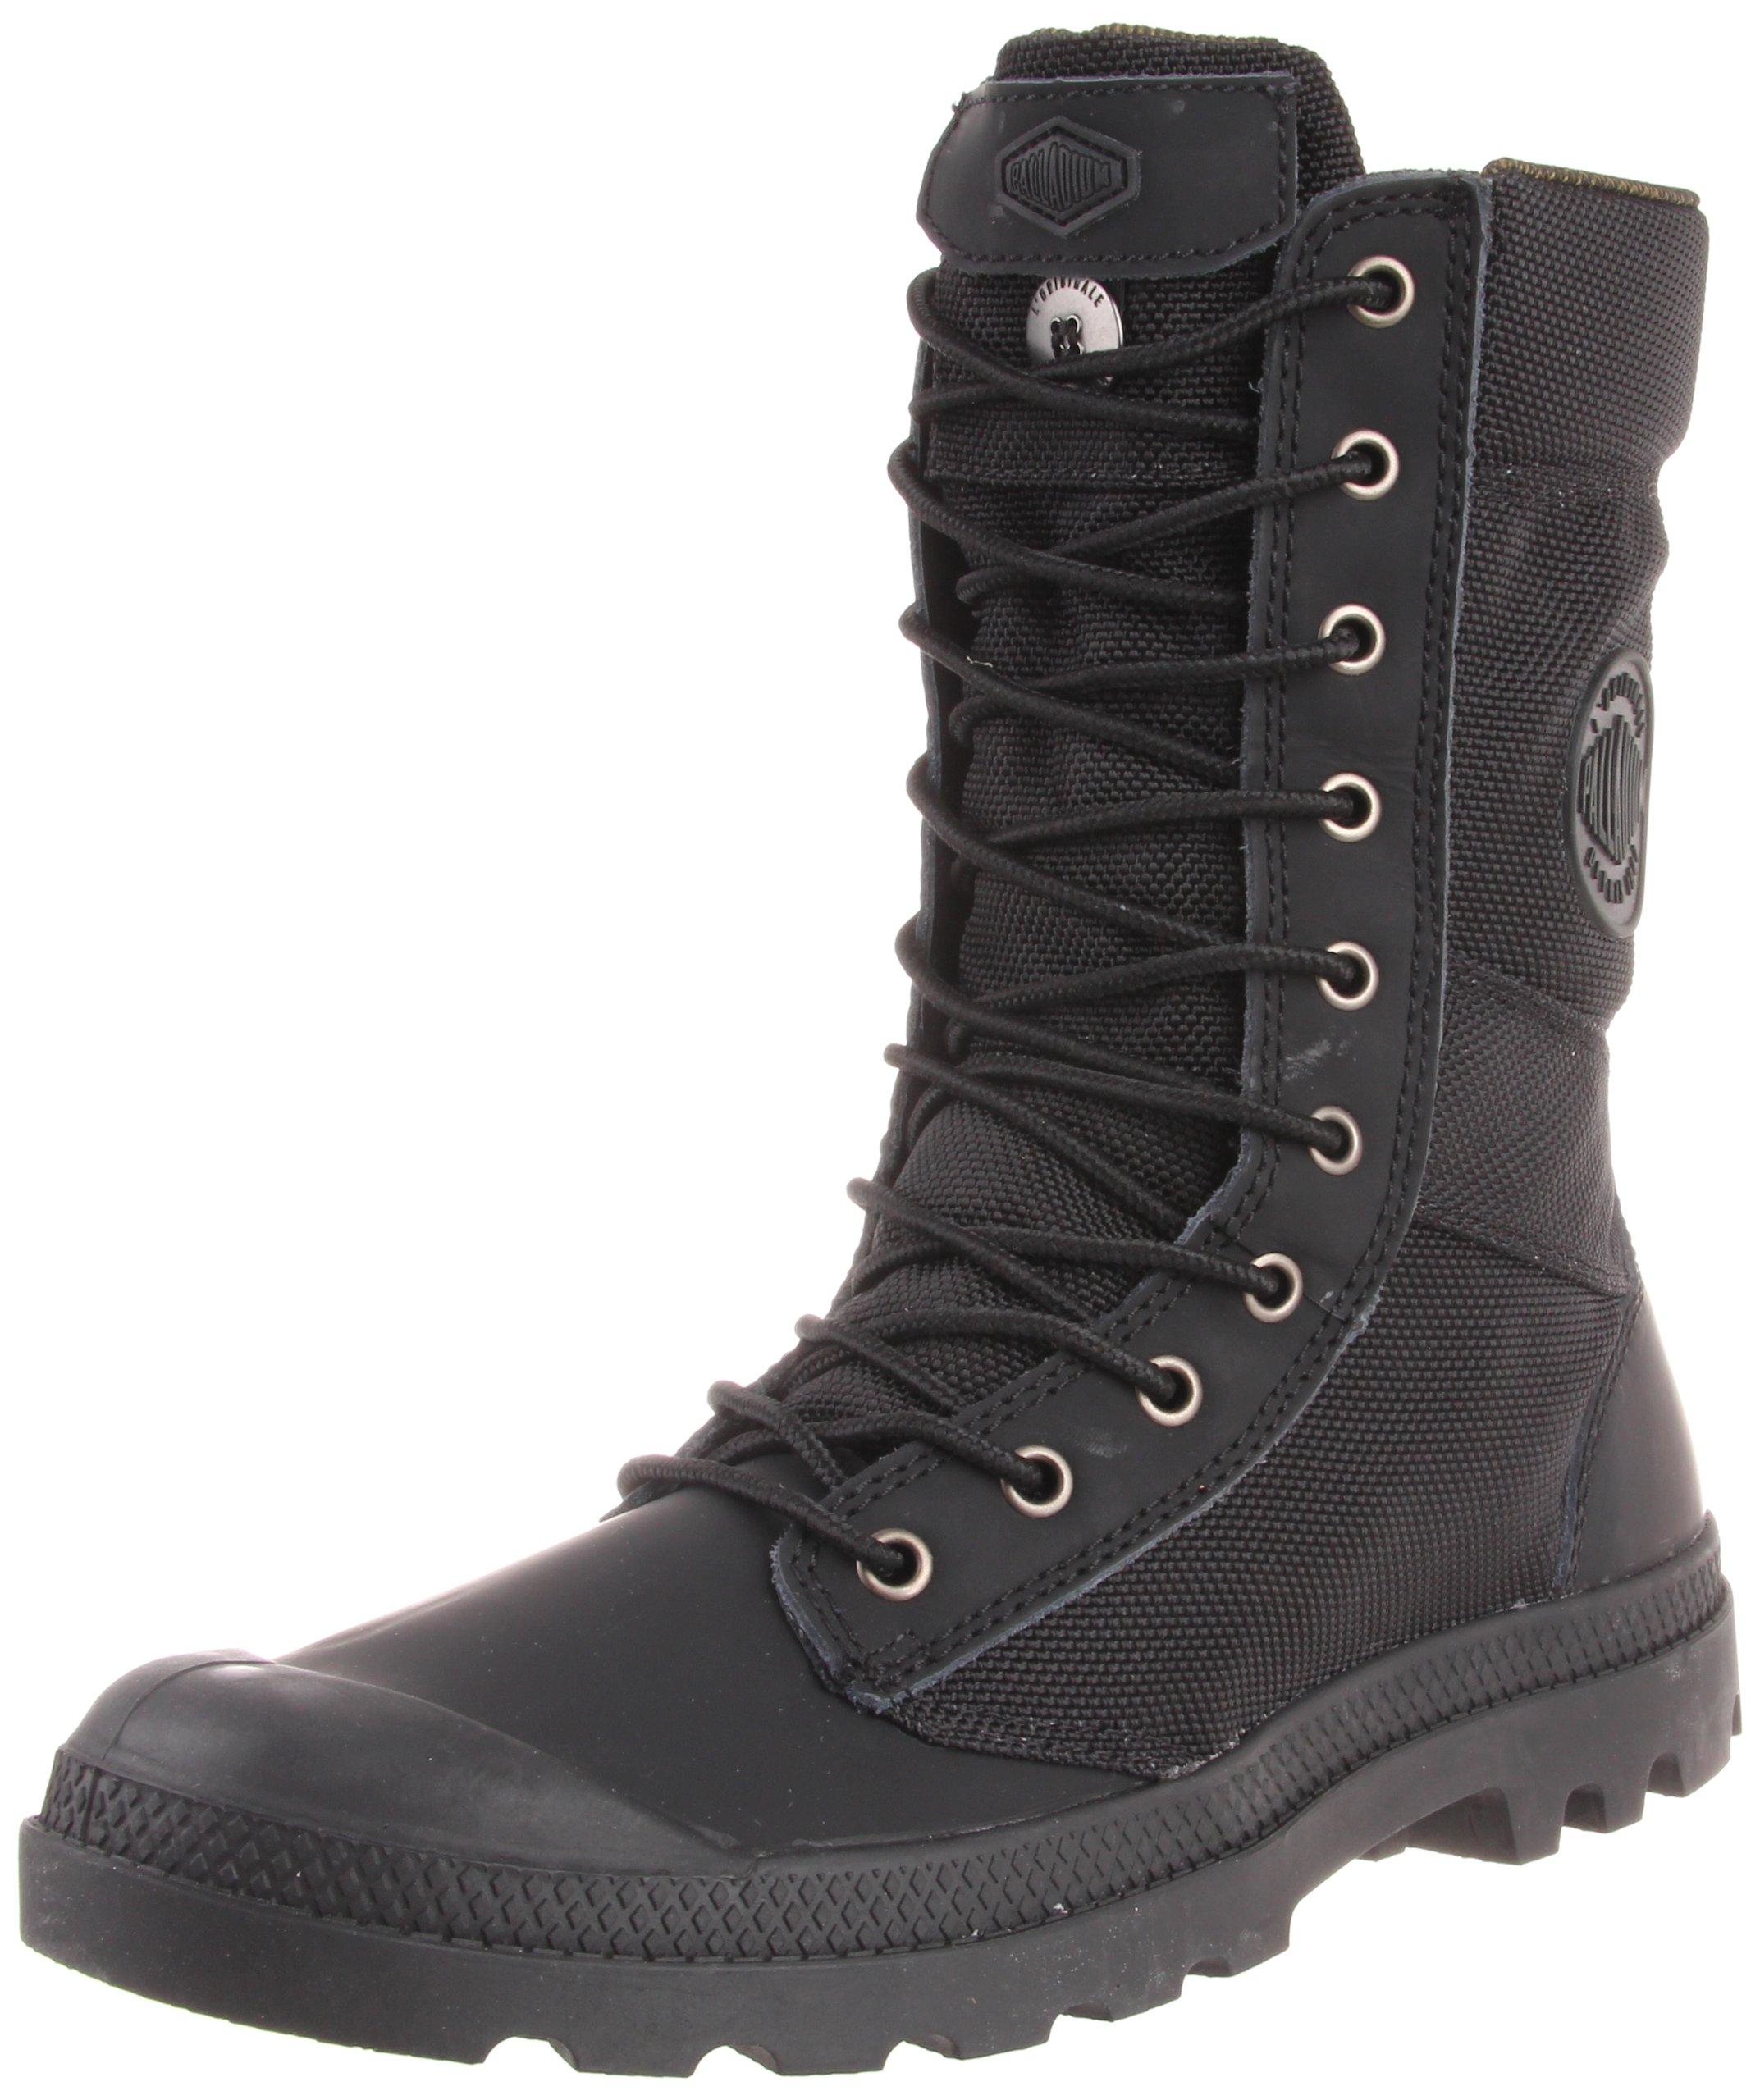 Palladium Men's Pampa Tactical Boot,Black/Metal,7.5 M US